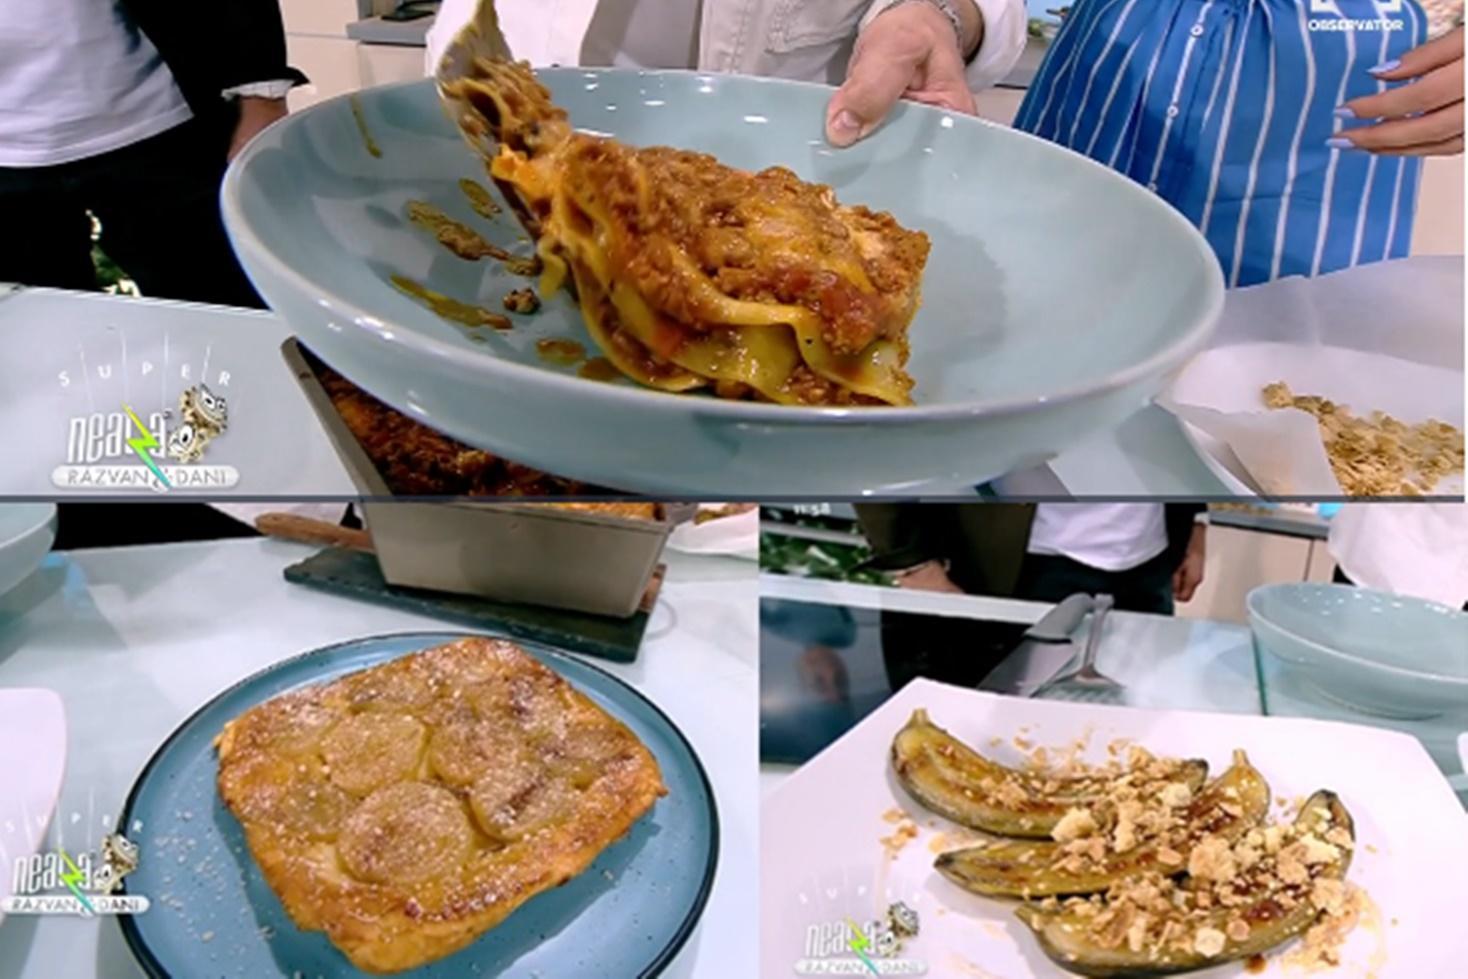 Tartă cu ceapă caramelizată, lasagna delicioasă și banane caramelizate, rețetele lui Nicolai Tand la Neatza cu Răzvan și Dani